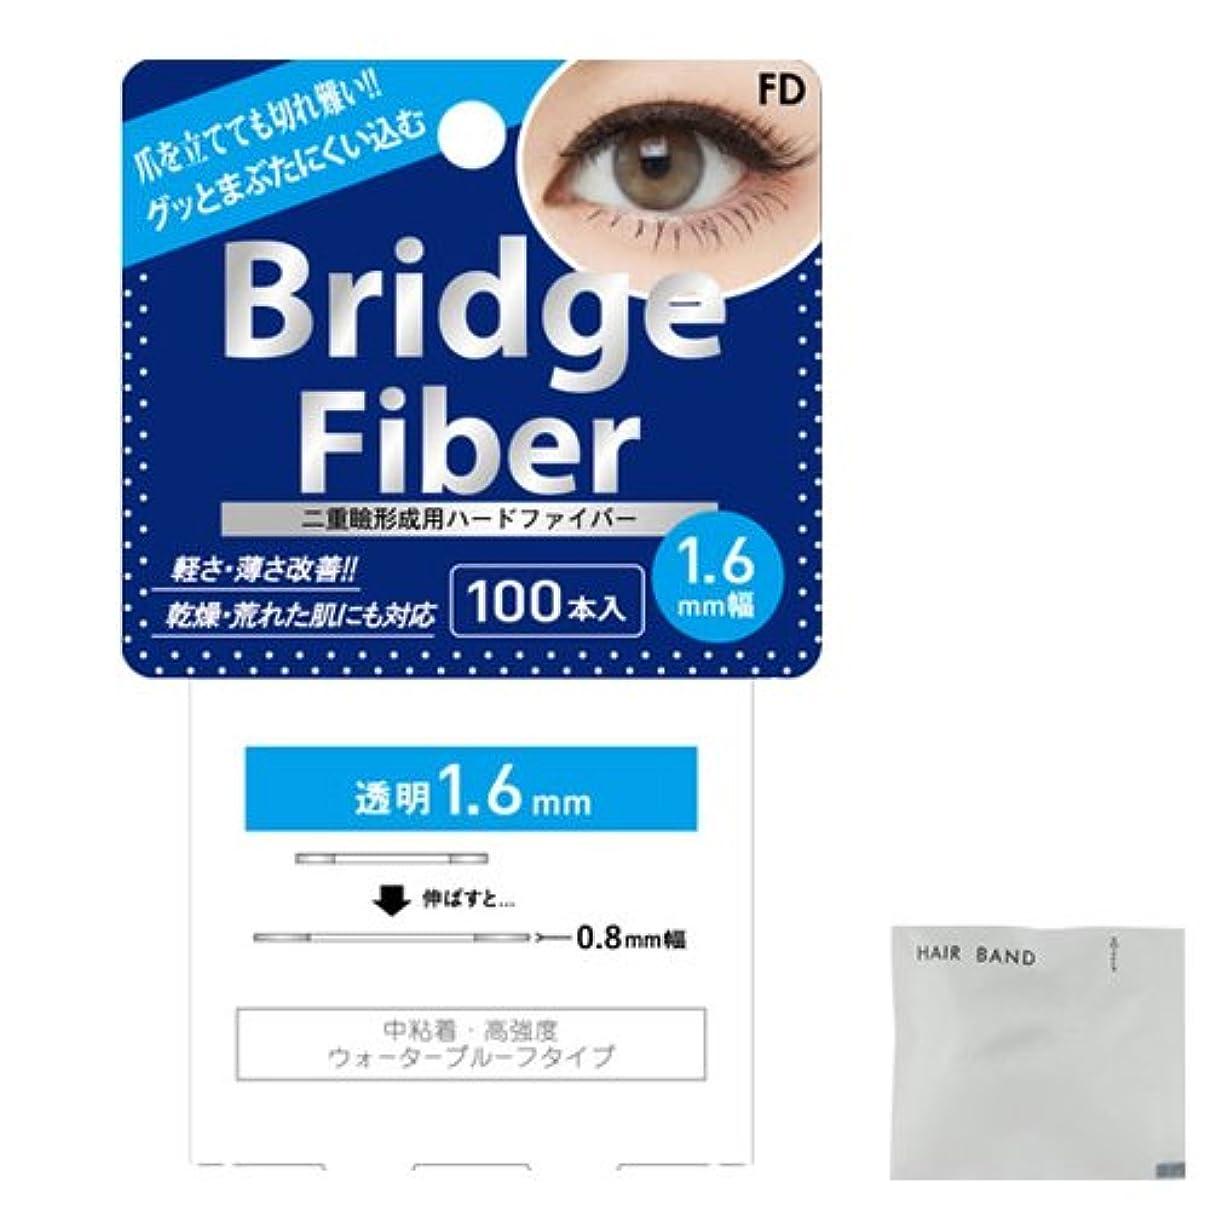 馬鹿げたクリークヒロインFD ブリッジファイバーⅡ (Bridge Fiber) クリア1.6mm + ヘアゴム(カラーはおまかせ)セット